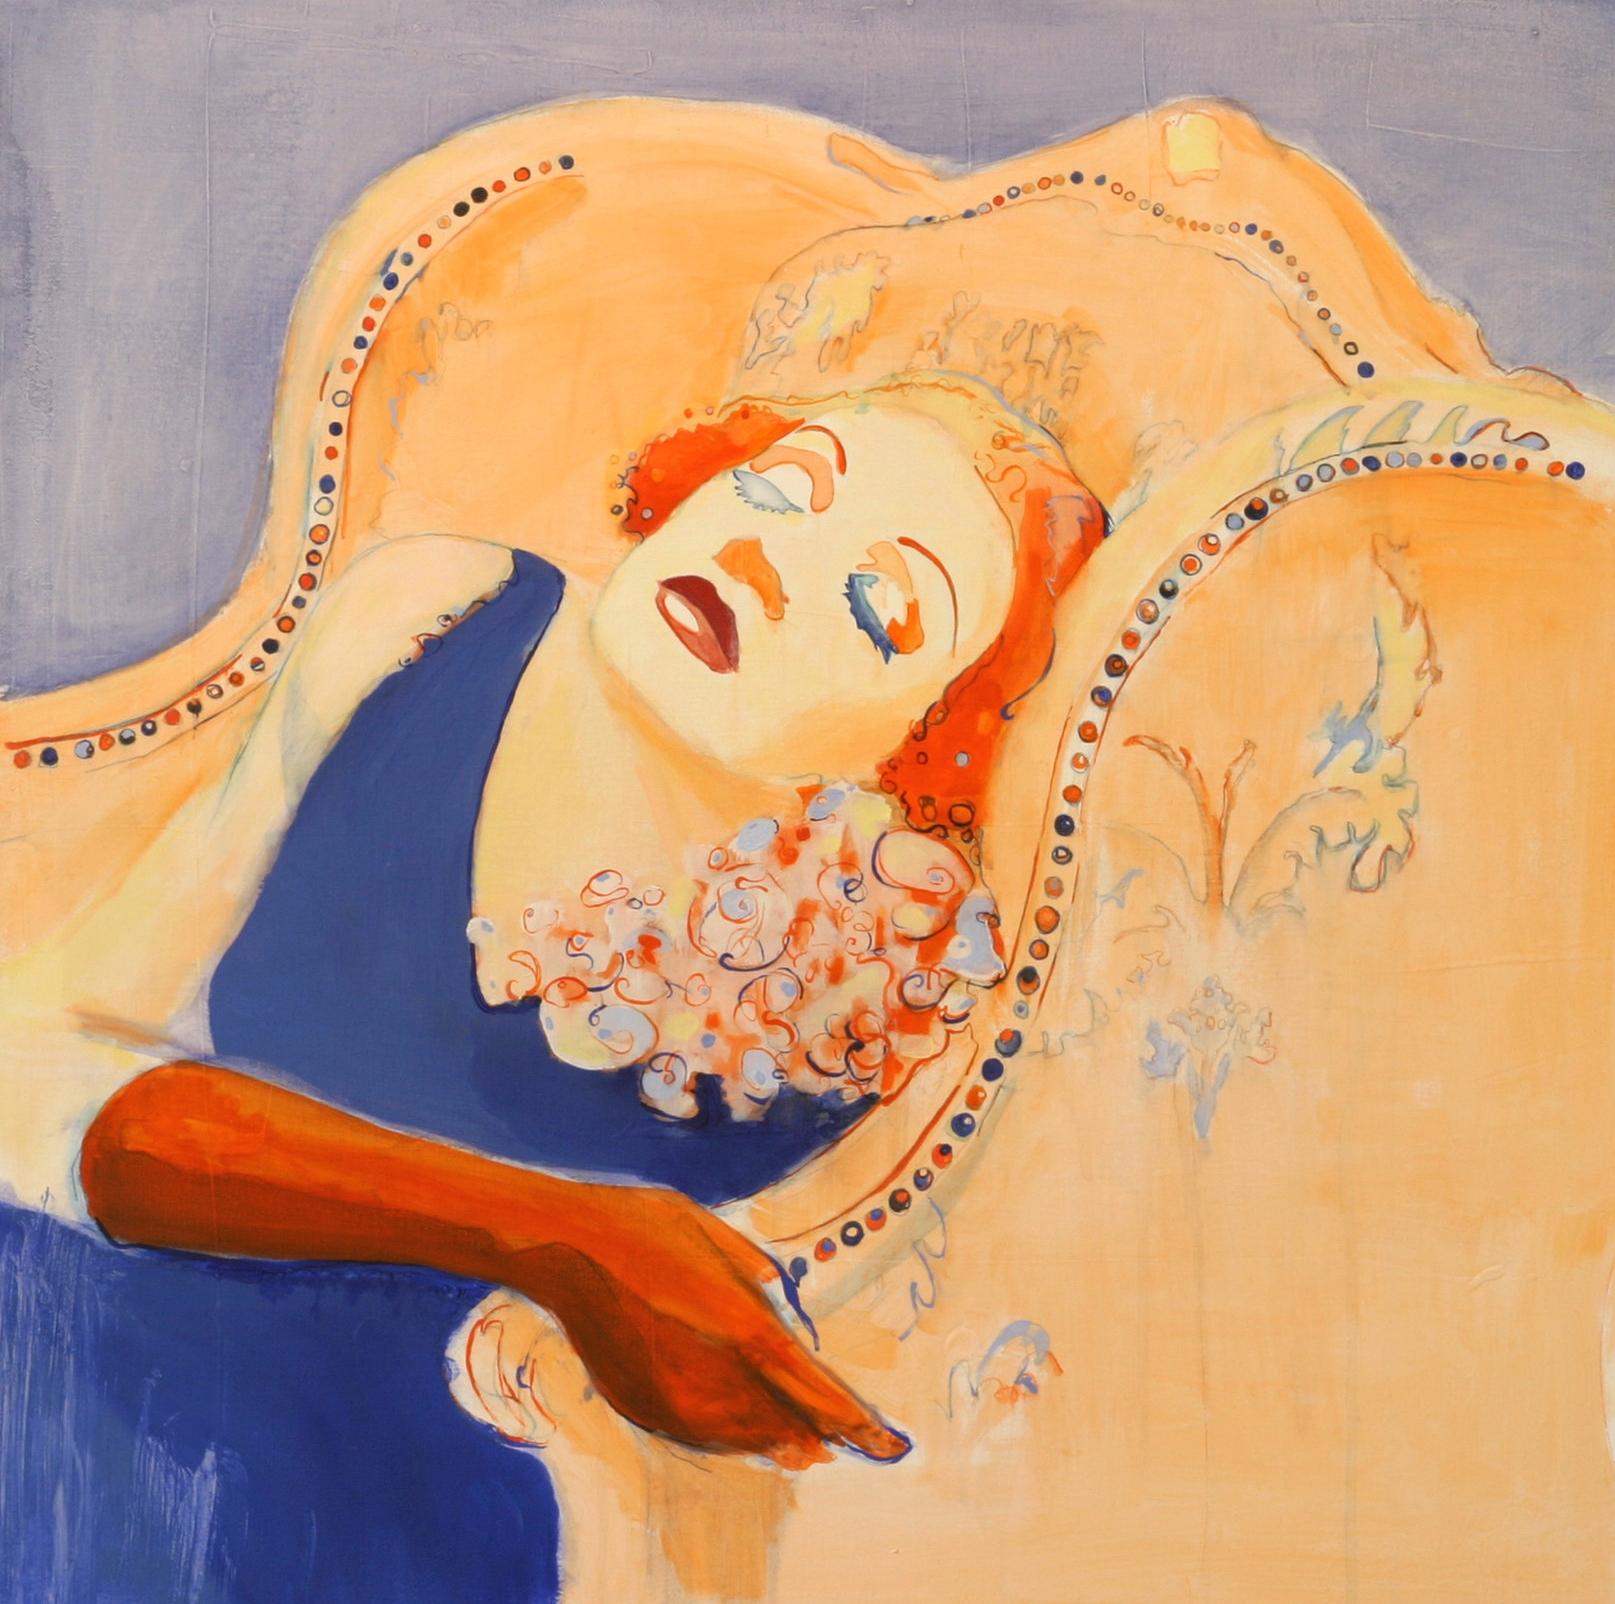 Reverie, 2002